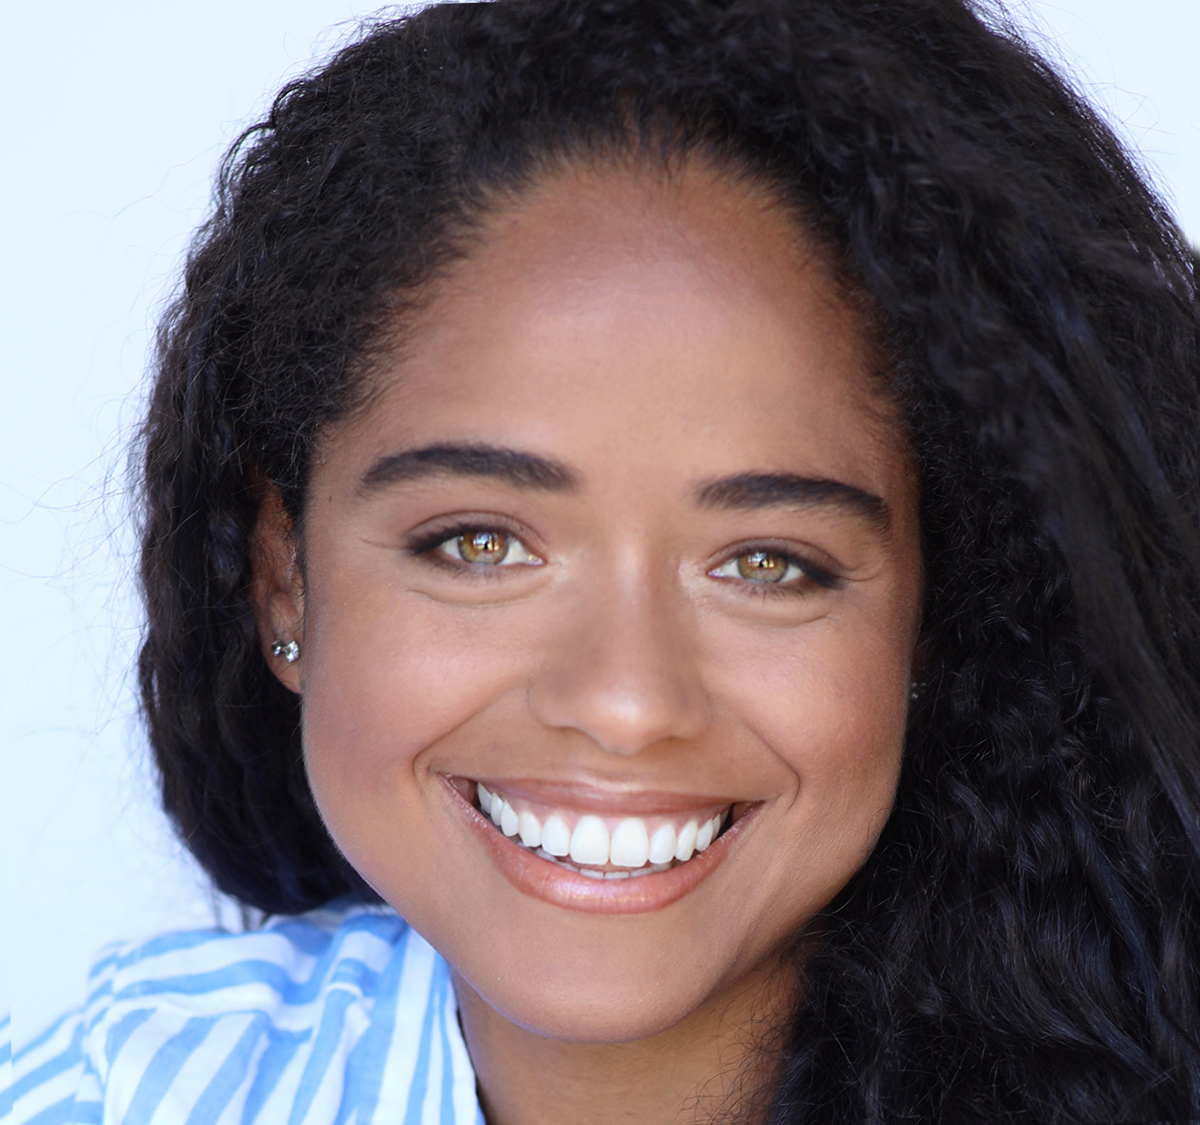 Fernanda Guimaraes HEADSHOT(B)